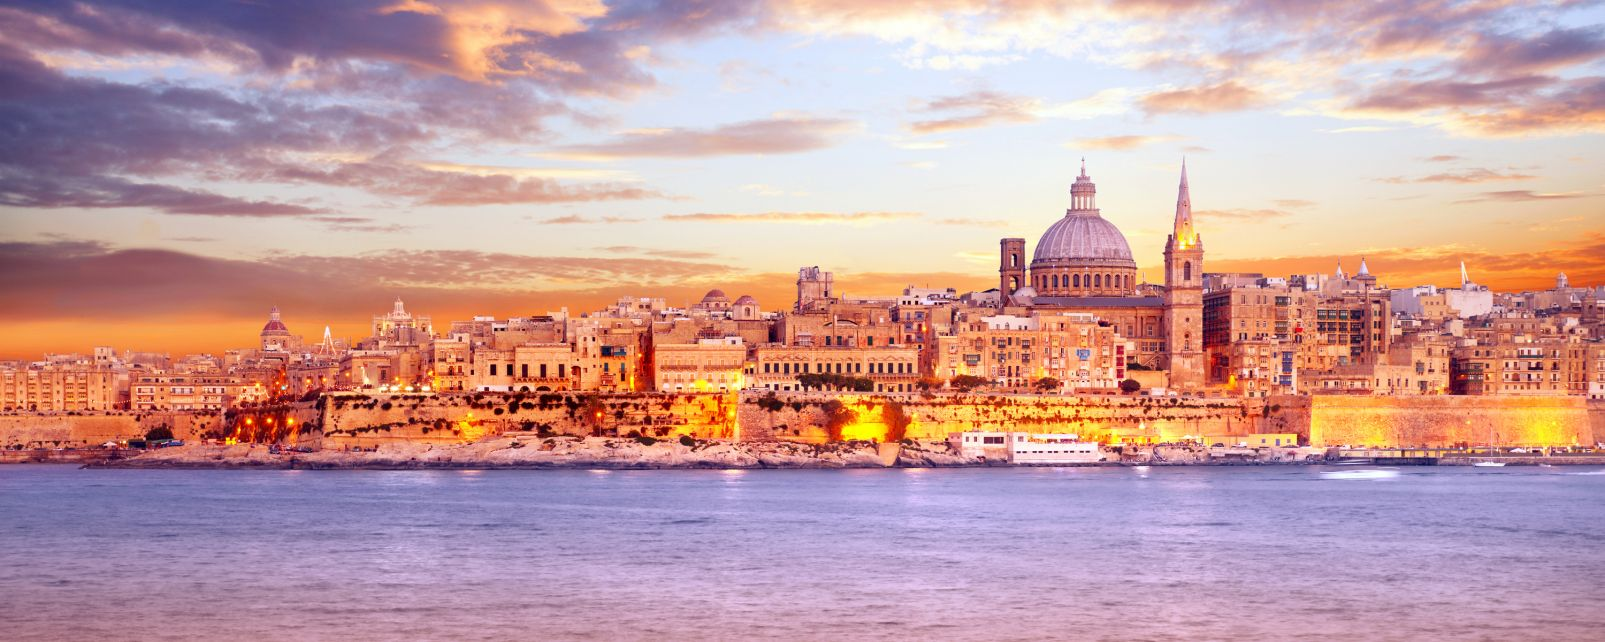 Attrazioni turistiche Malta  Cosa vedere cosa visitare